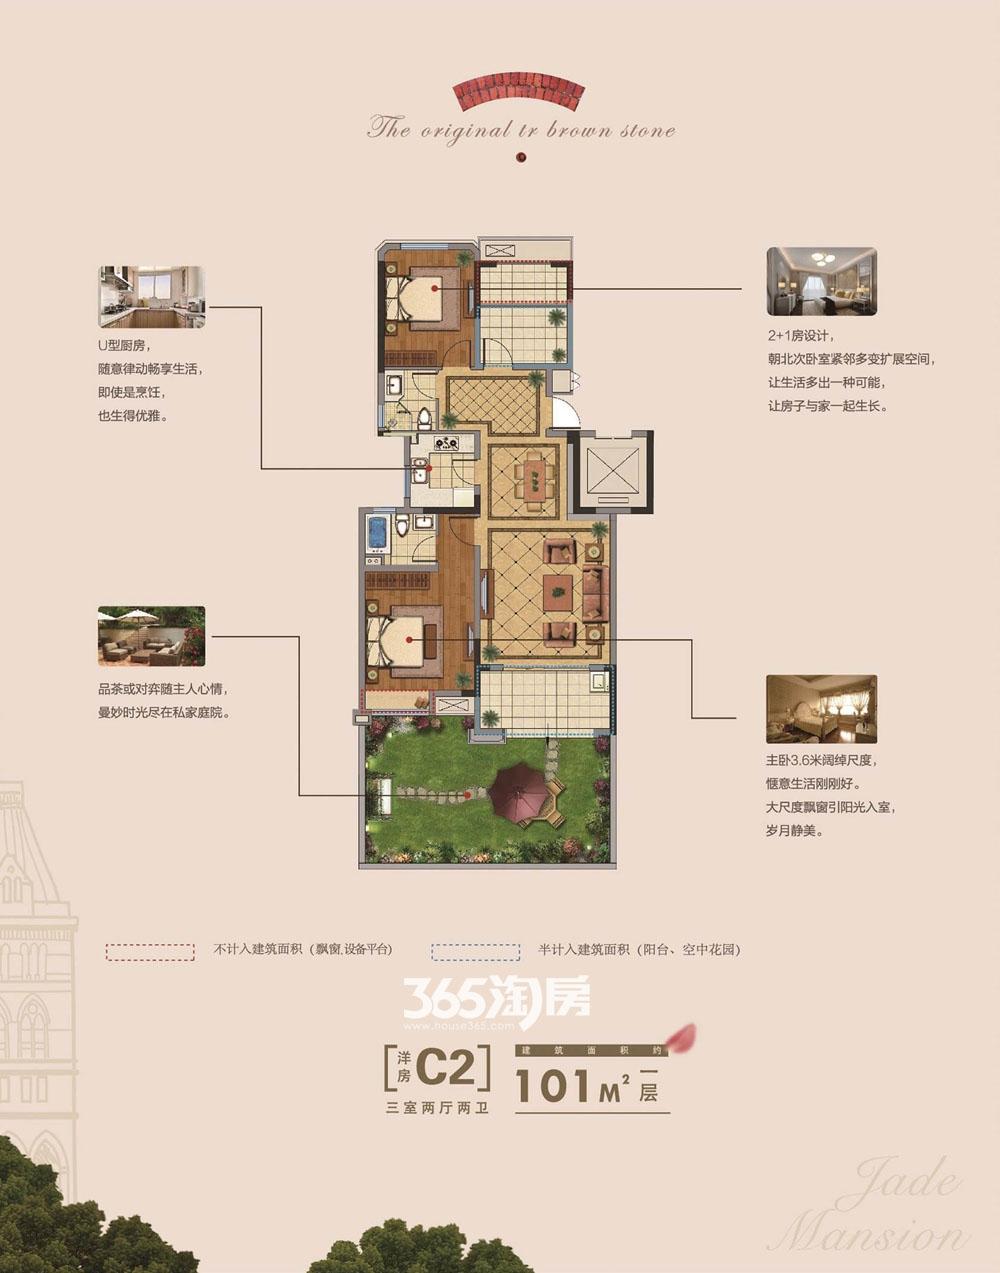 金大地翡翠公馆洋房C2户型图2+1室